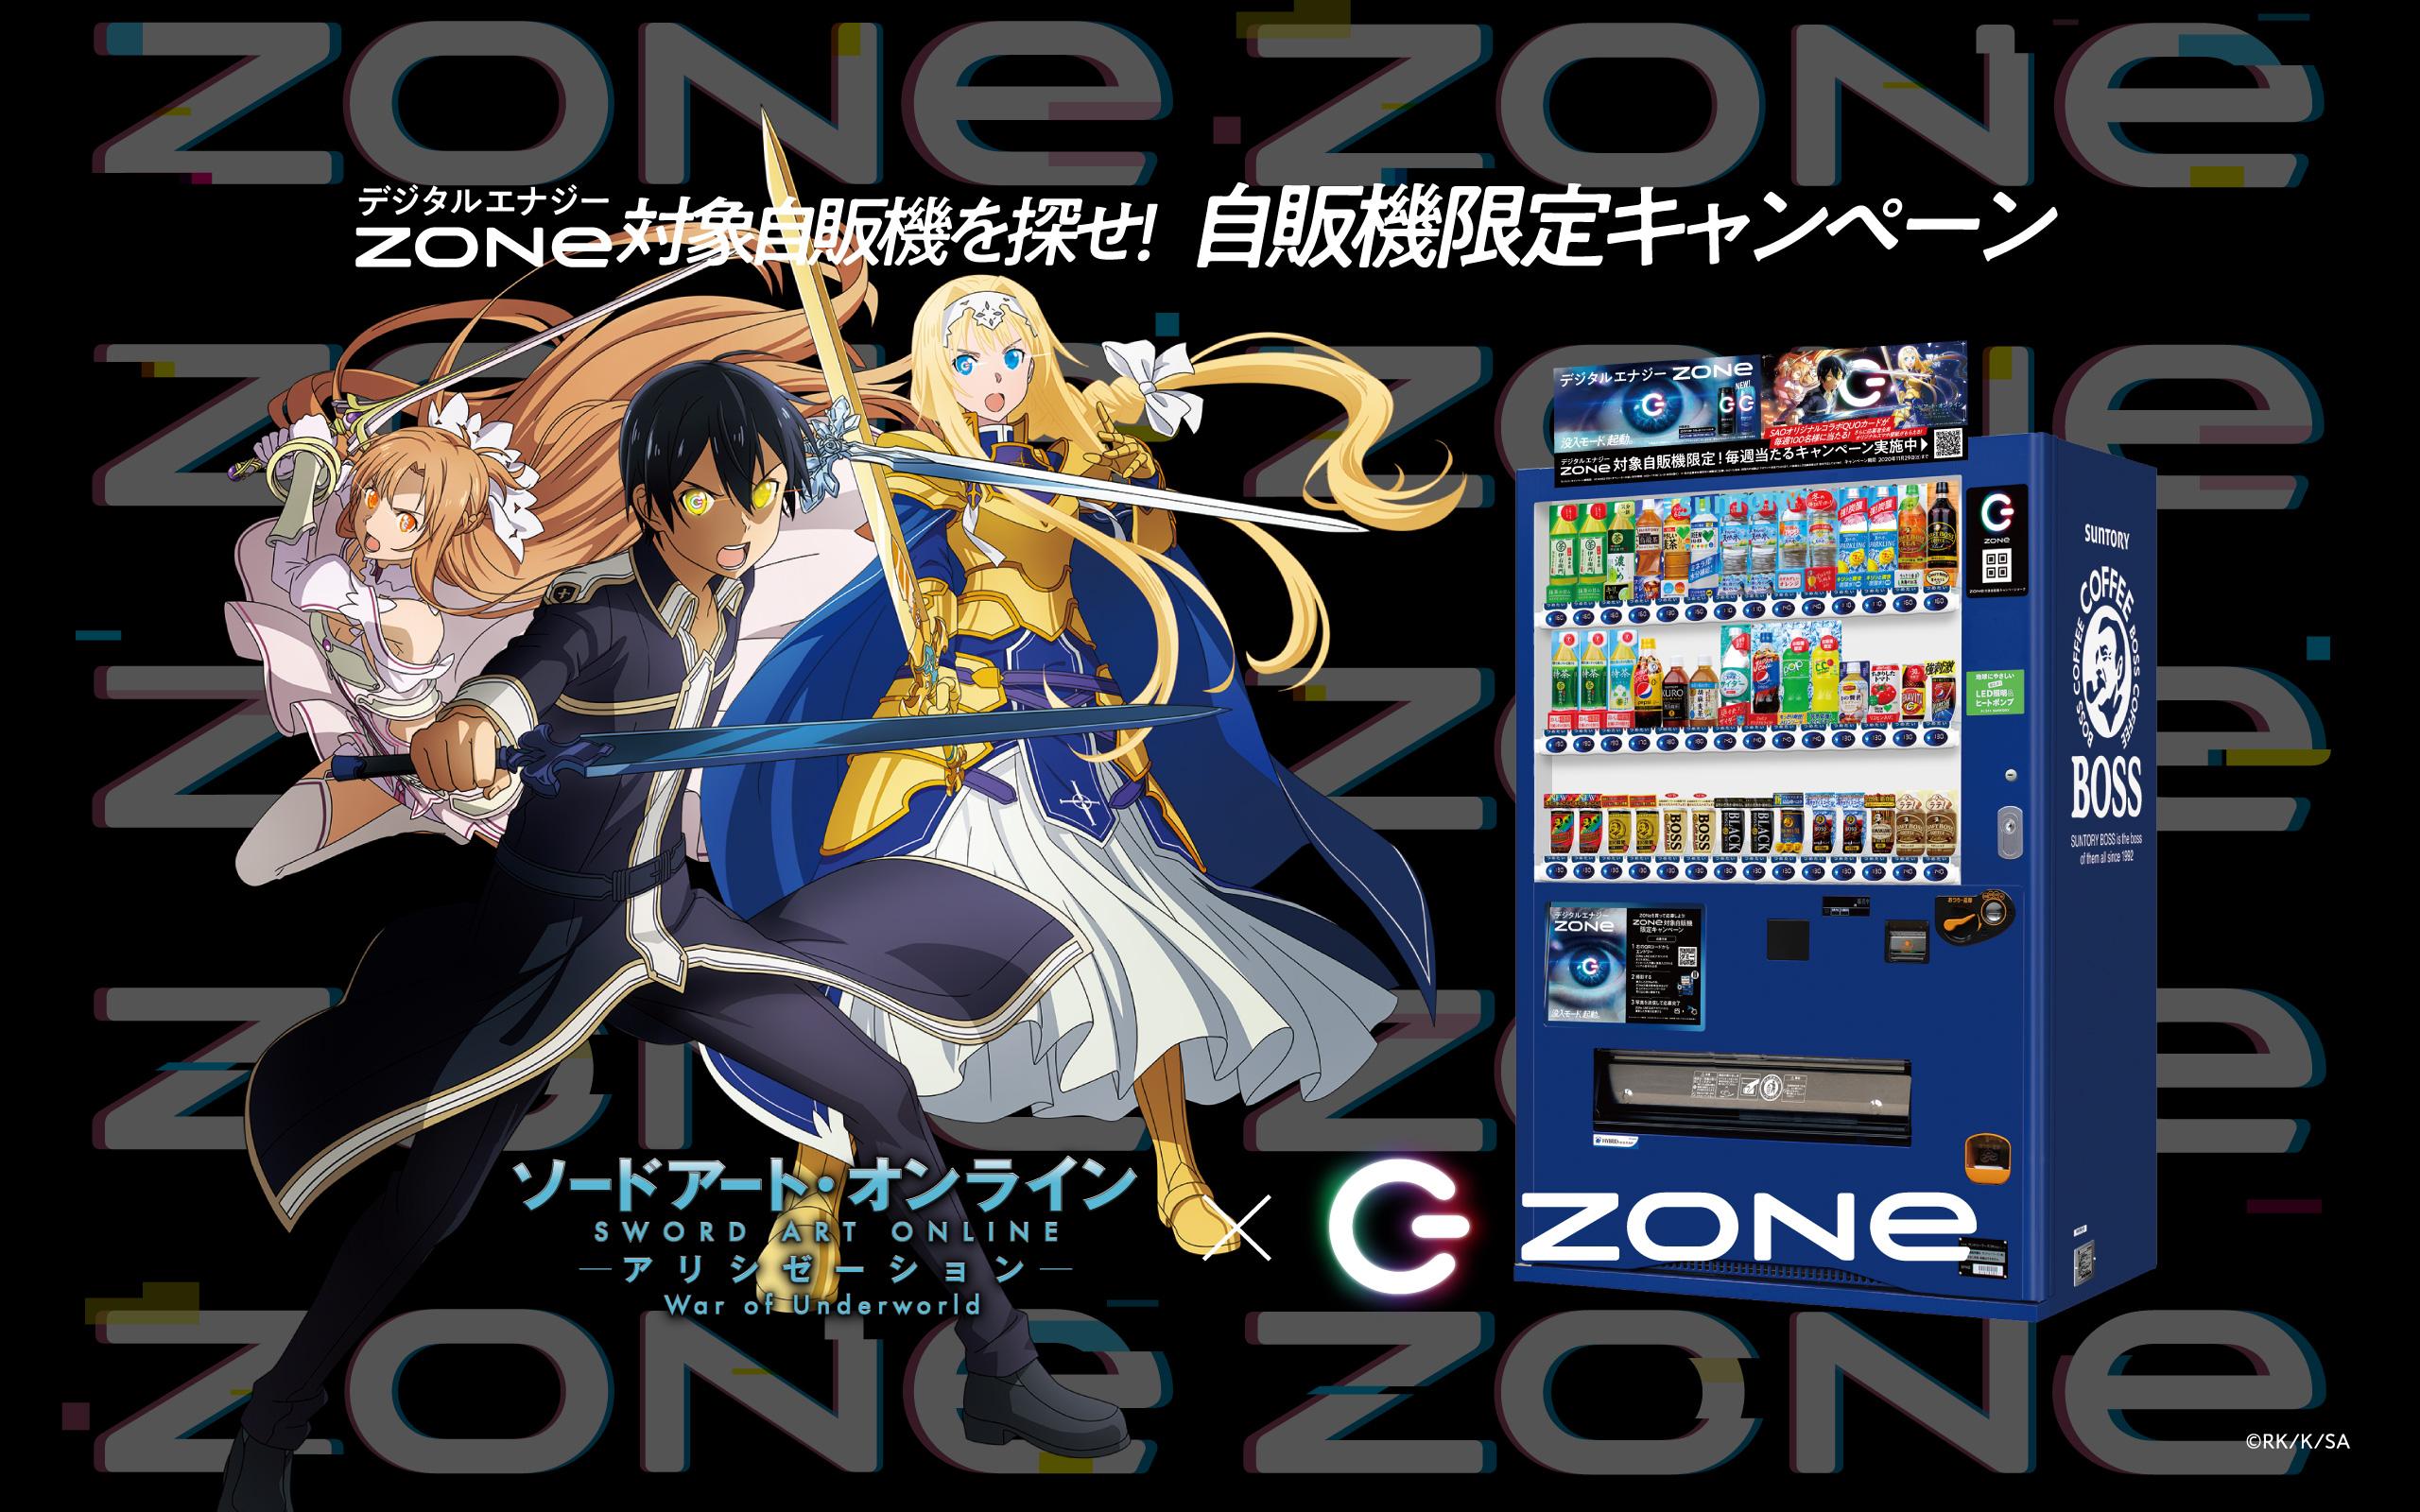 ZONe×ソードアート・オンライン 自販機限定キャンペーン